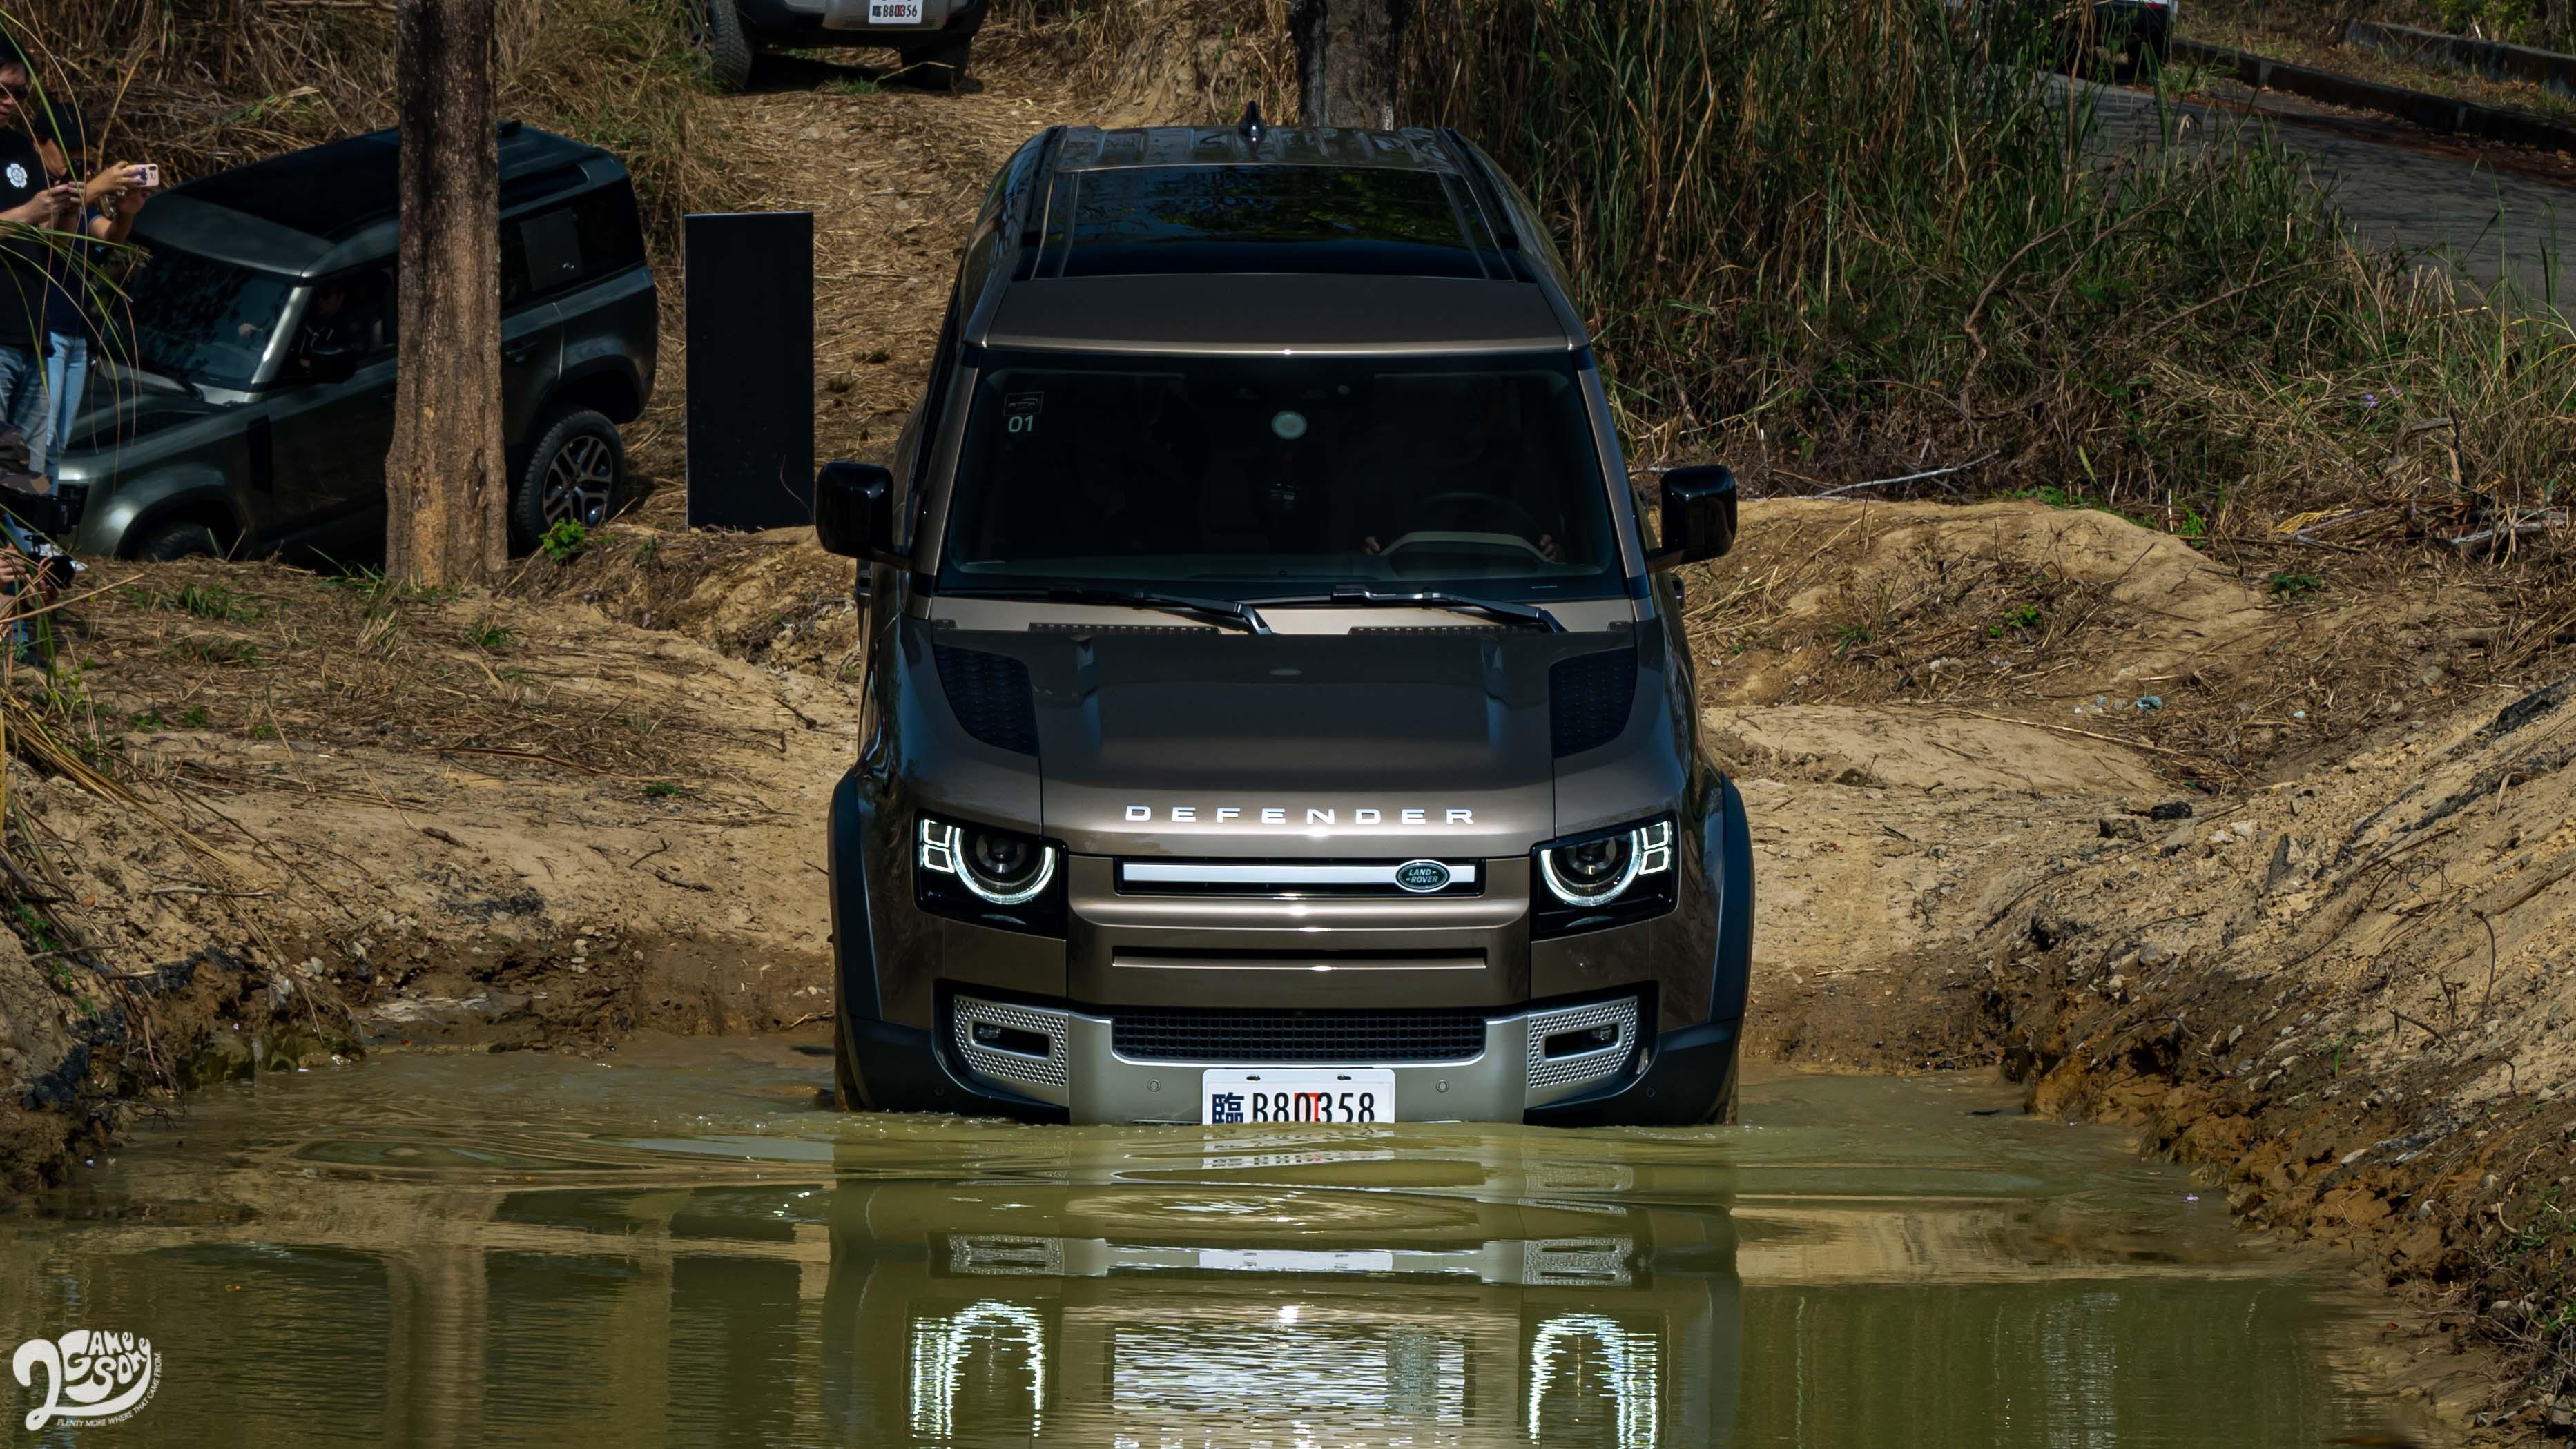 Defender 900mm 涉水深度搭配全新 Wade Mode涉水模式,更能進一步優化車輛涉水性能。